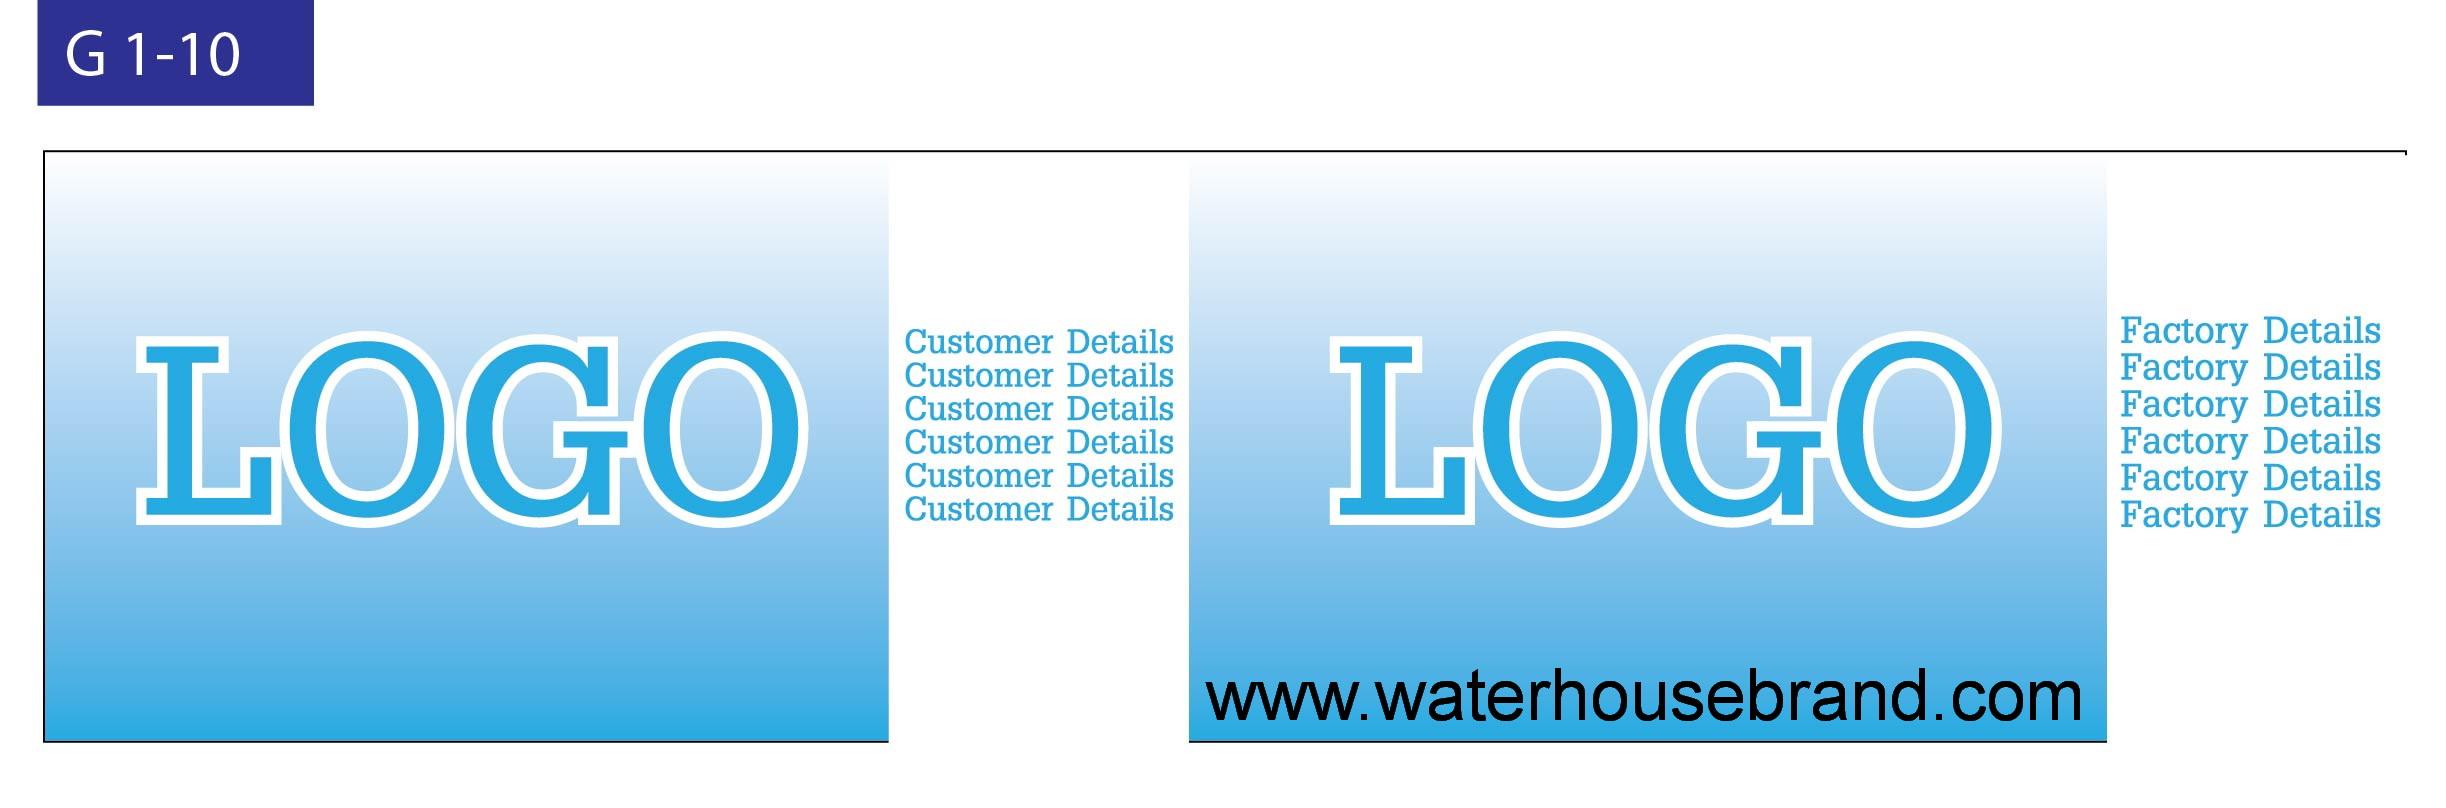 waterhouse-แบบฉลากน้ำดื่ม-g110